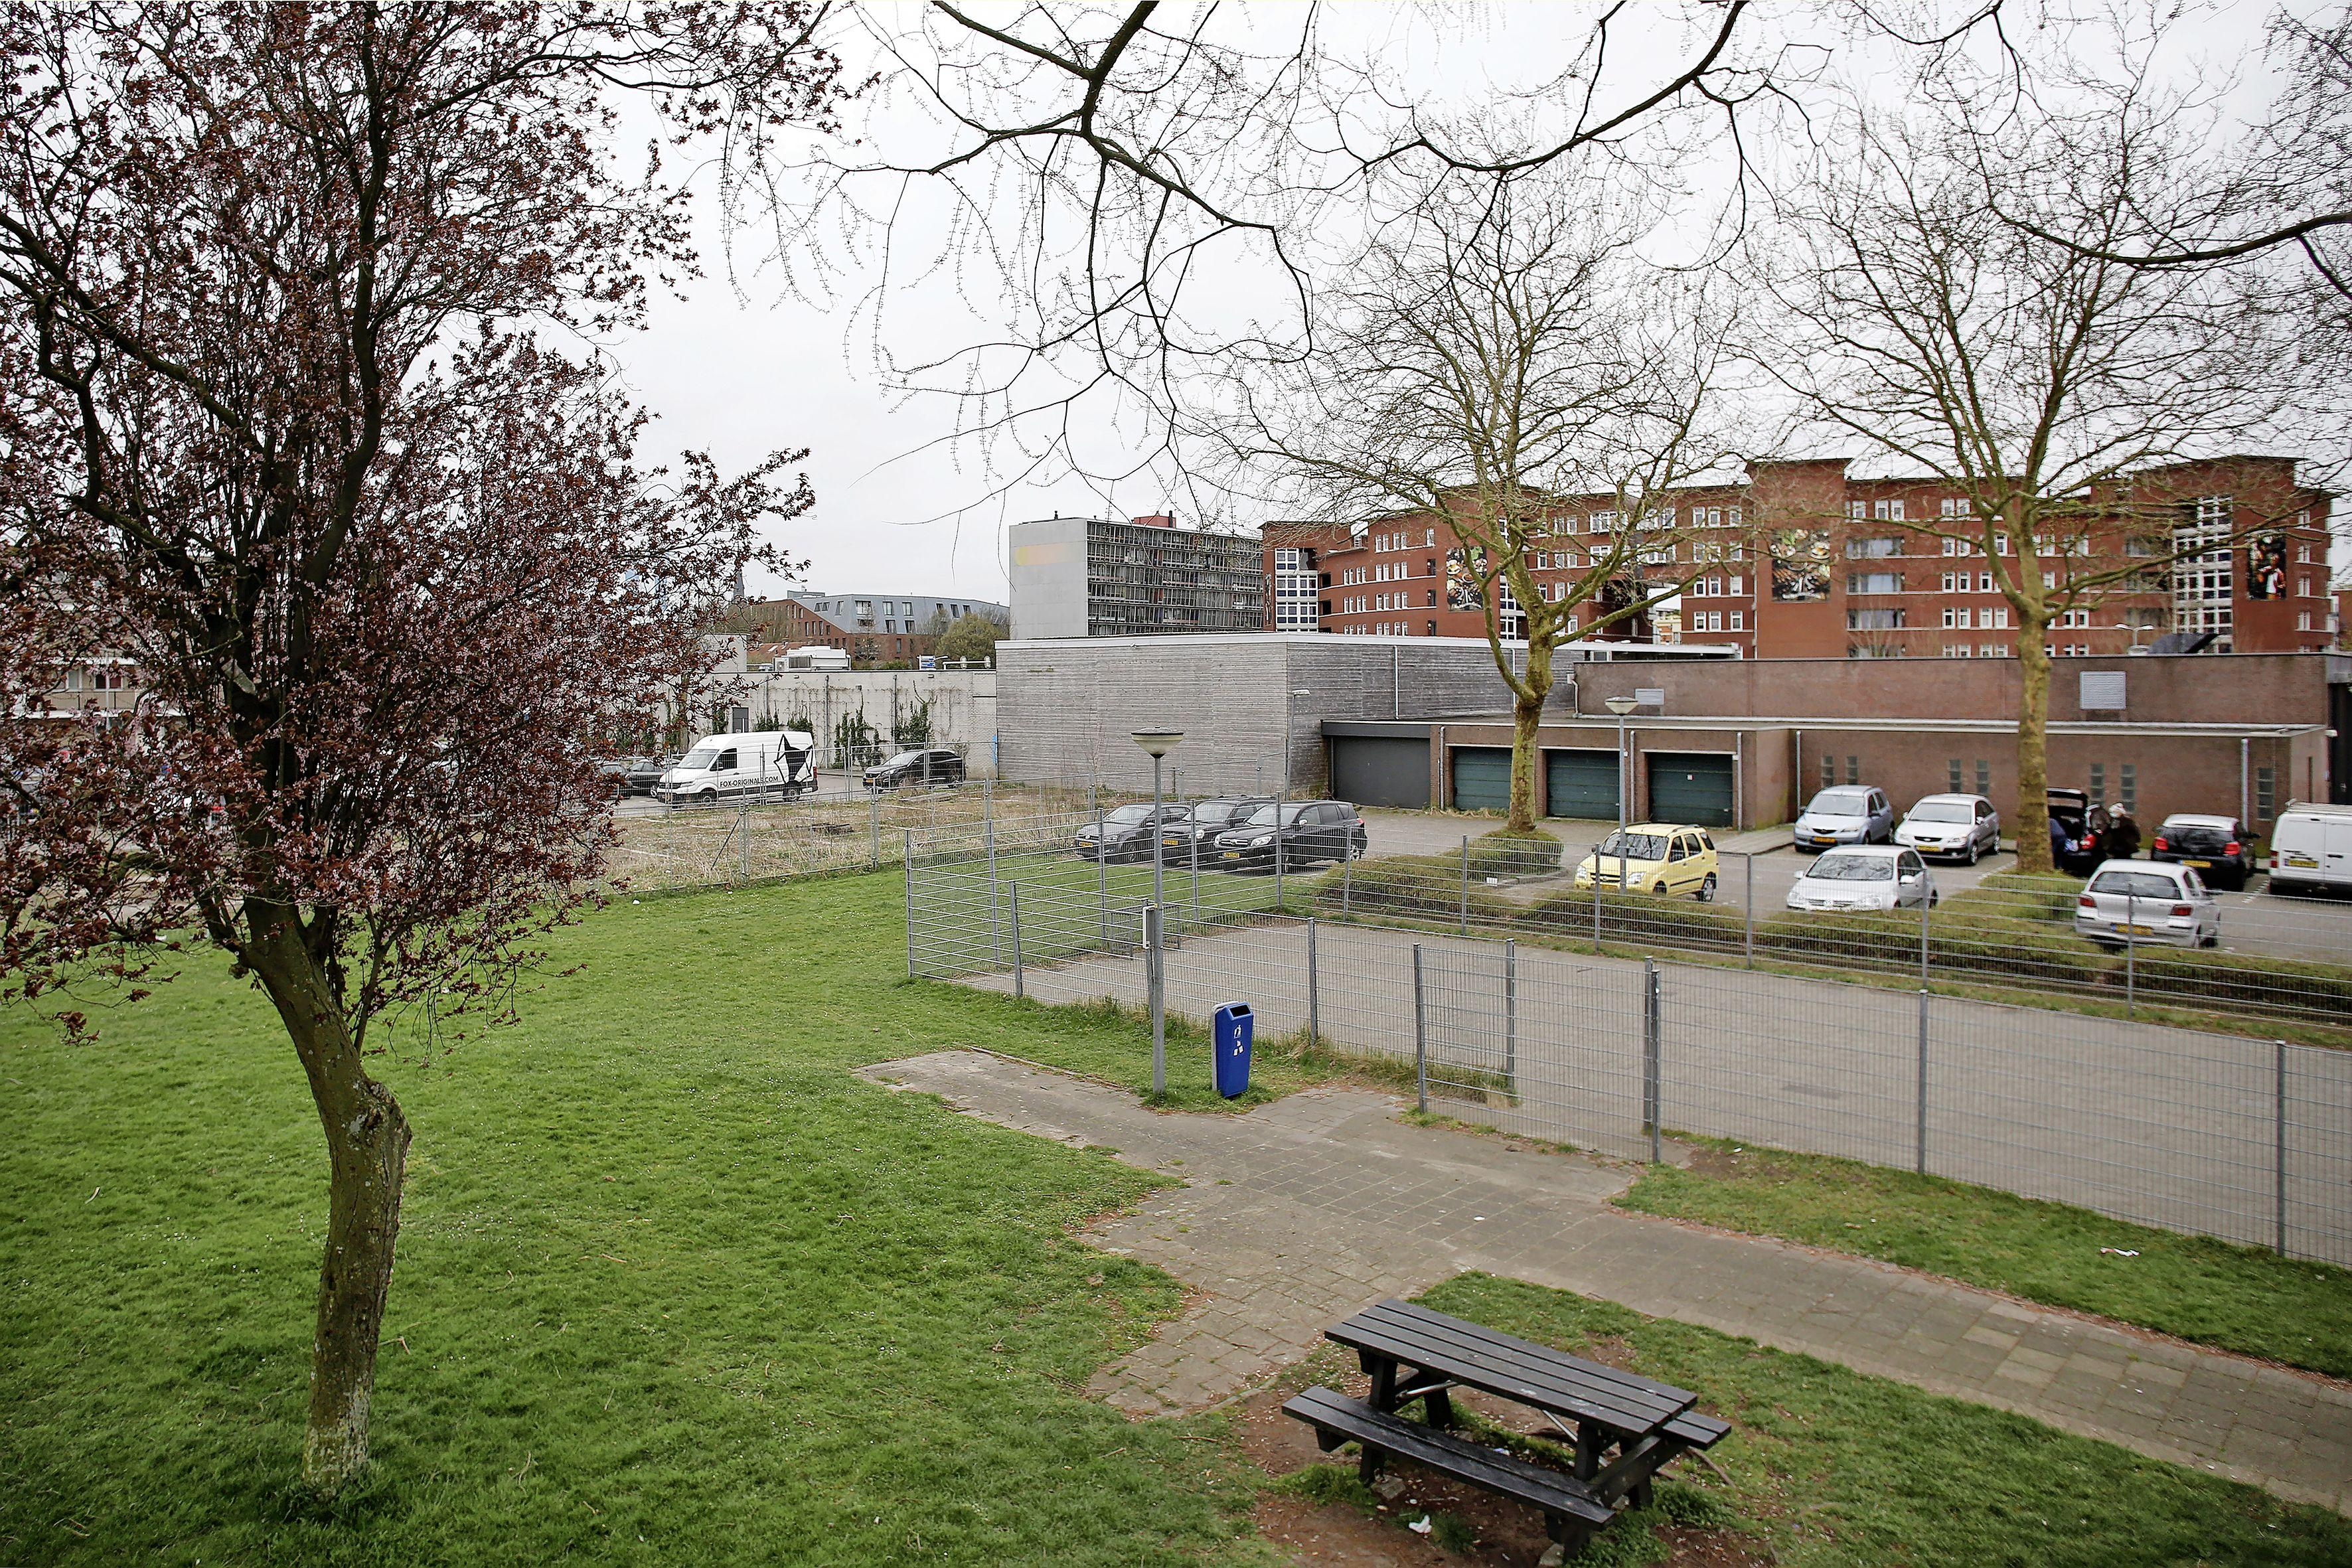 Achterdochtige buurt rond winkelcentrum Hogeweij in Weesp vermoedt 'chantage' van gemeentebestuur; aanpassing van hoogte flatgebouwen schiet in verkeerde keelgat